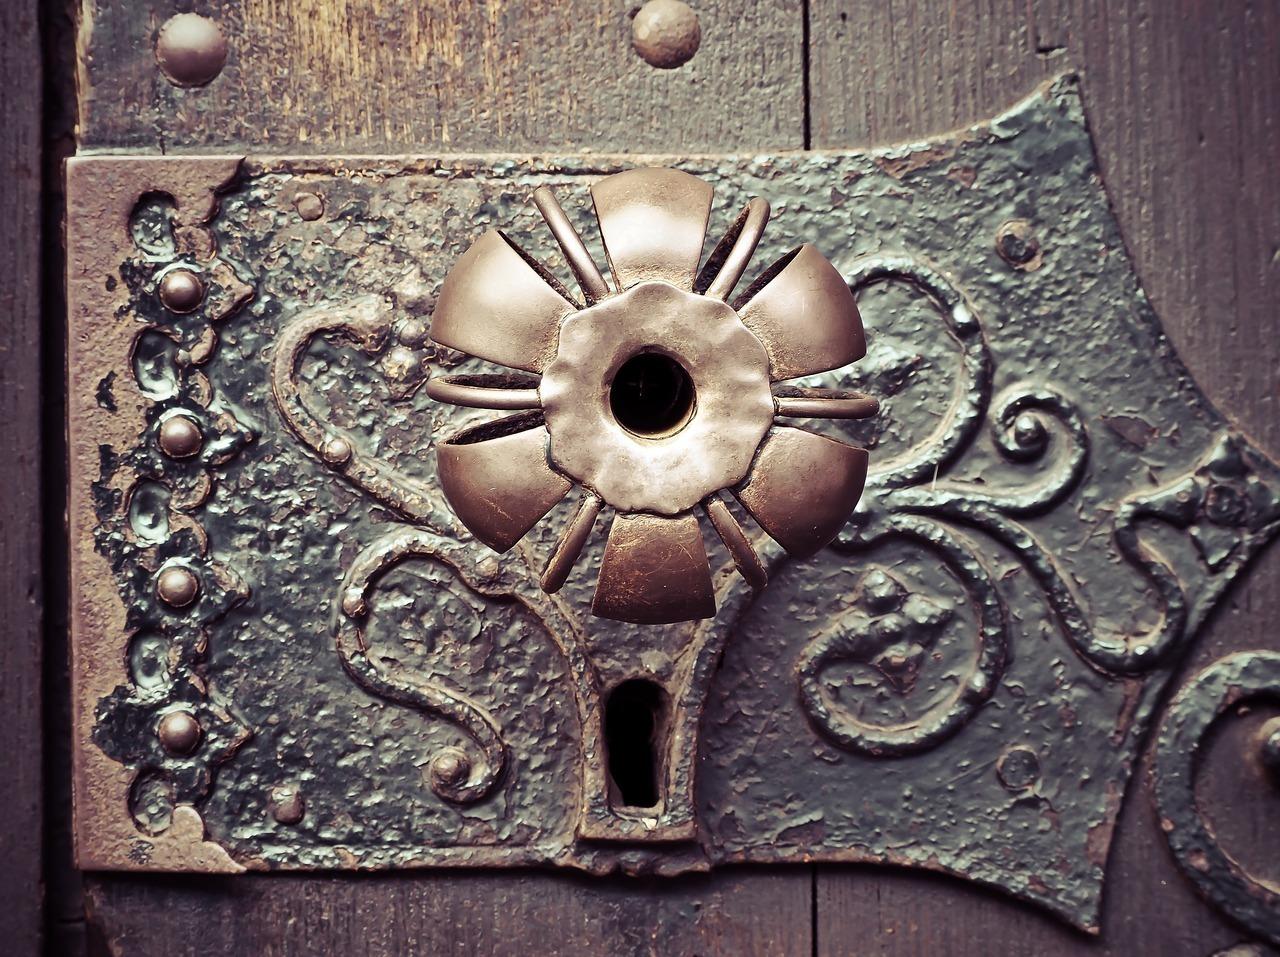 Türschloss: Du hast das Recht das Schloss deiner Wohnungstür gegen ein anderes austauschen, auch wenn der Mietvertrag das ausschließt. Beim Austausch vermeide aber Beschädigungen an der Tür und achte darauf, dass es das neue Schloss mindestens genauso sicher wie das alte ist.